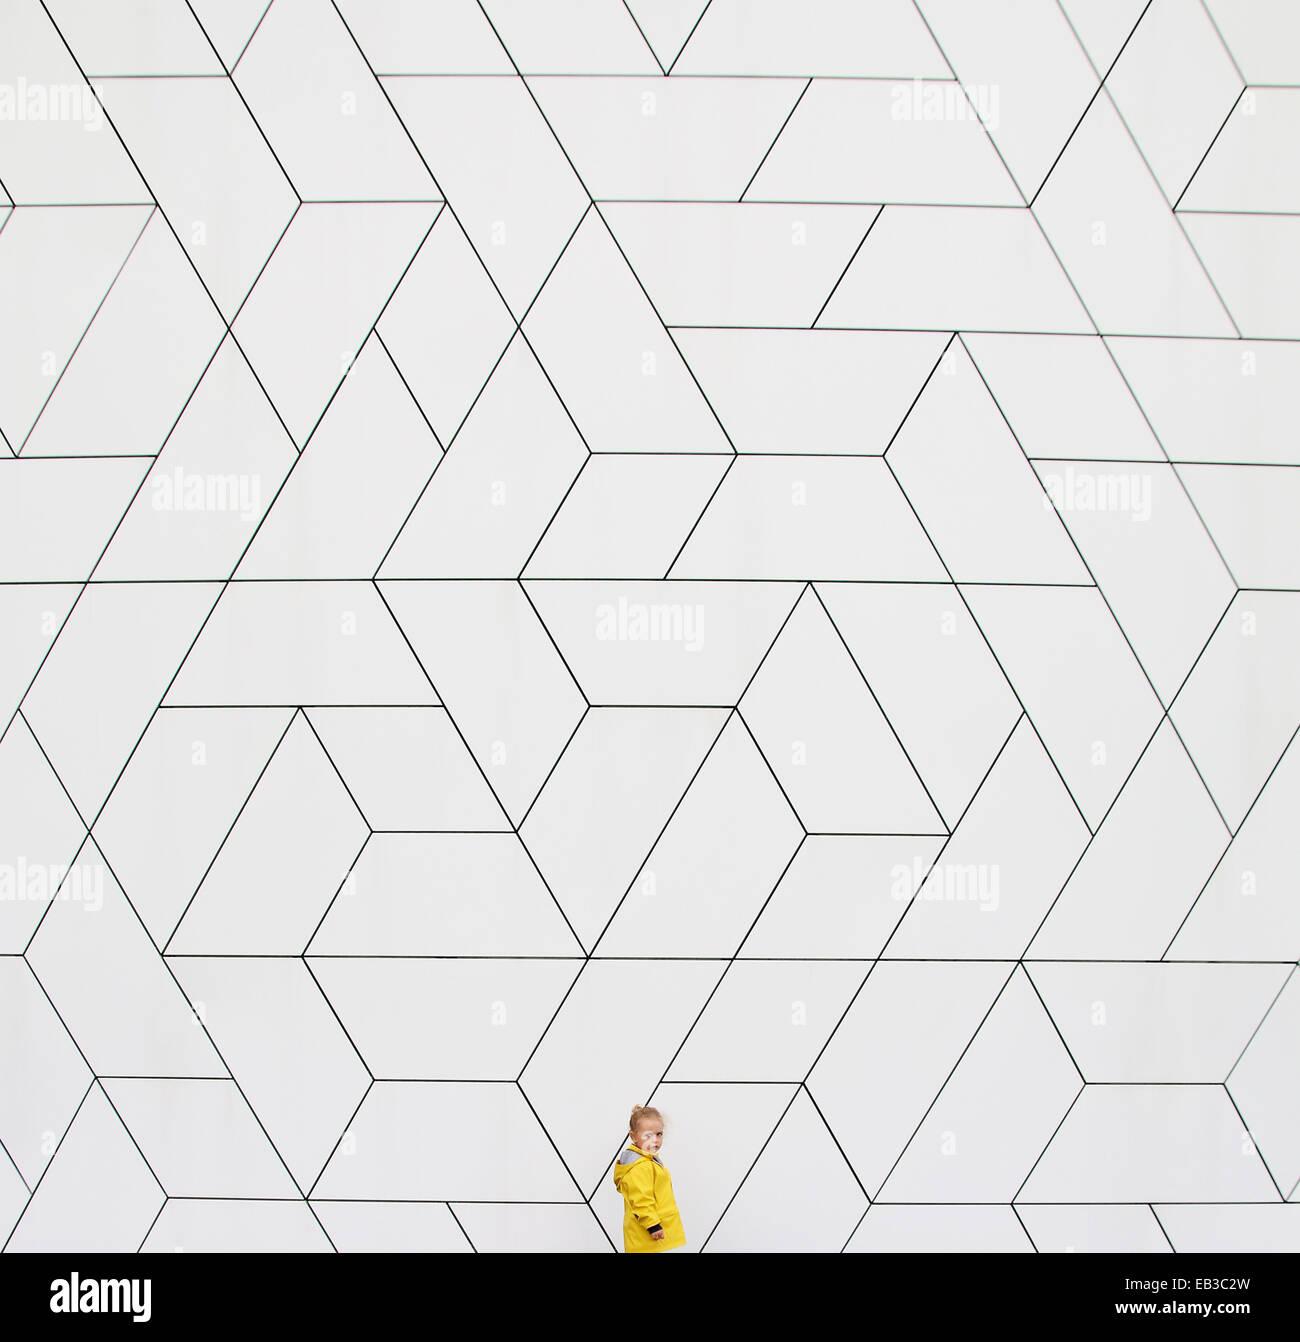 La ragazza (2-3) in giallo impermeabile contro il muro bianco Immagini Stock